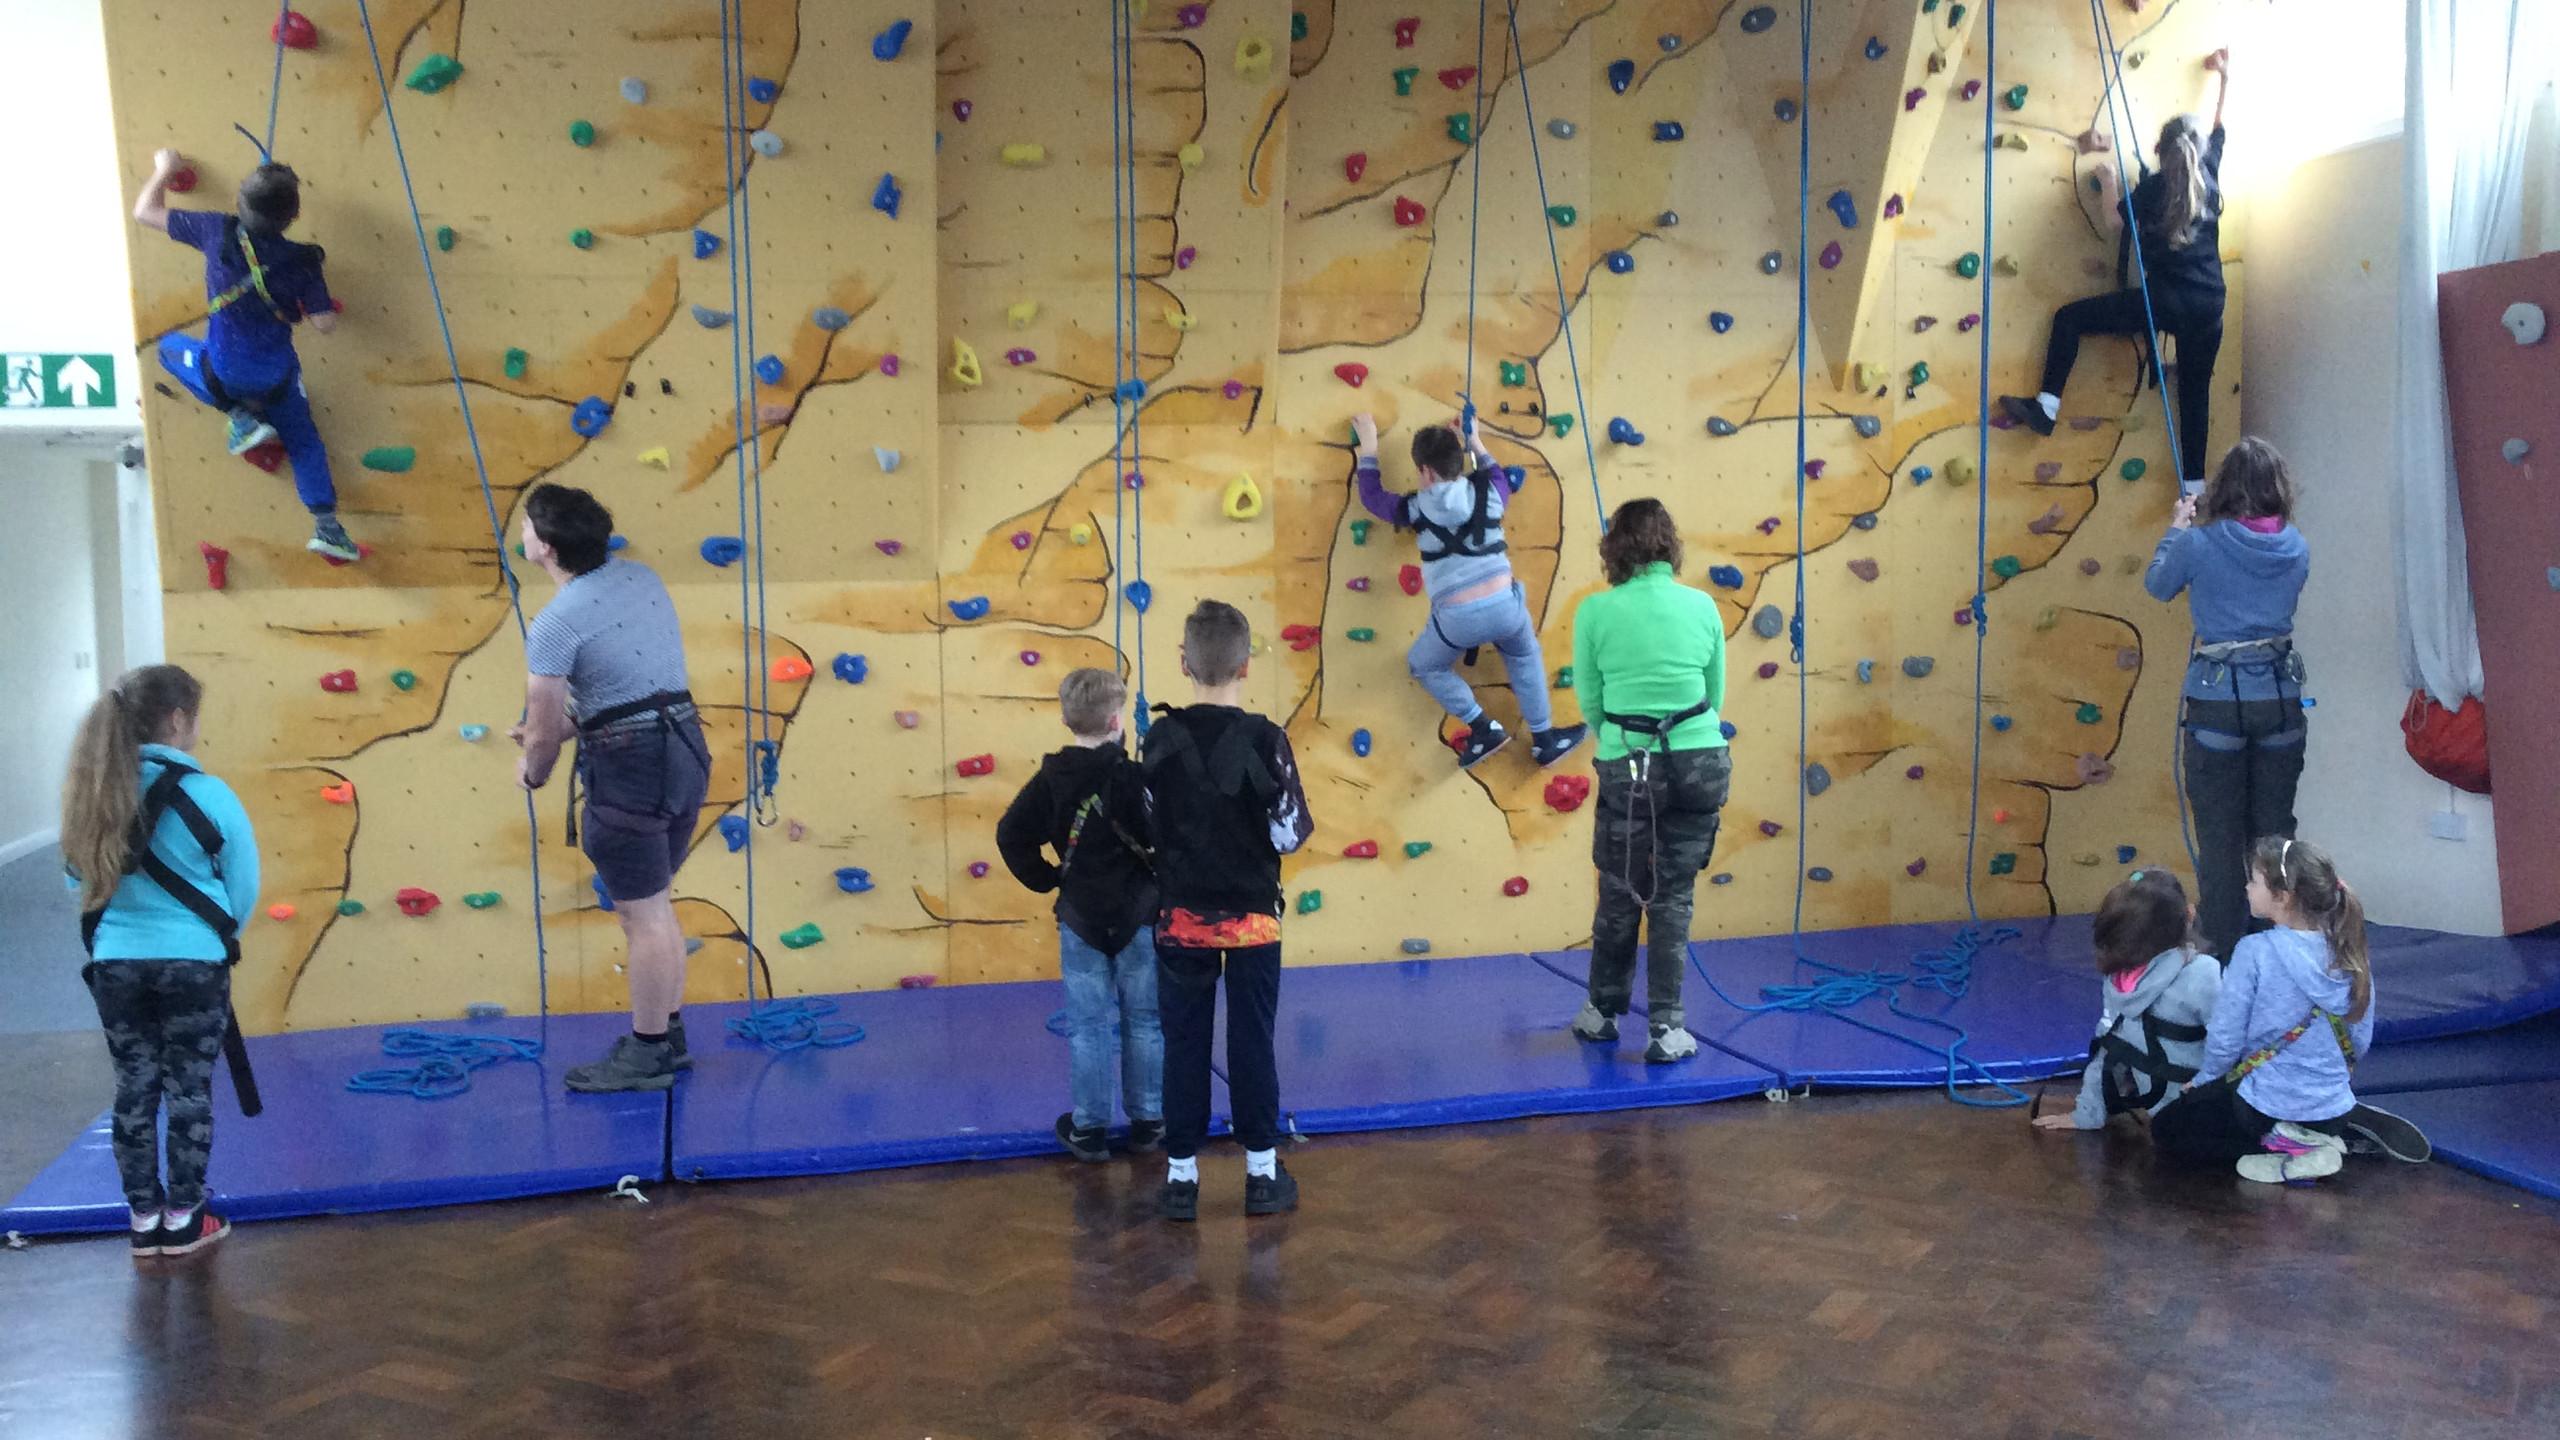 Conifers School Year 4 outdoor adventurous activities